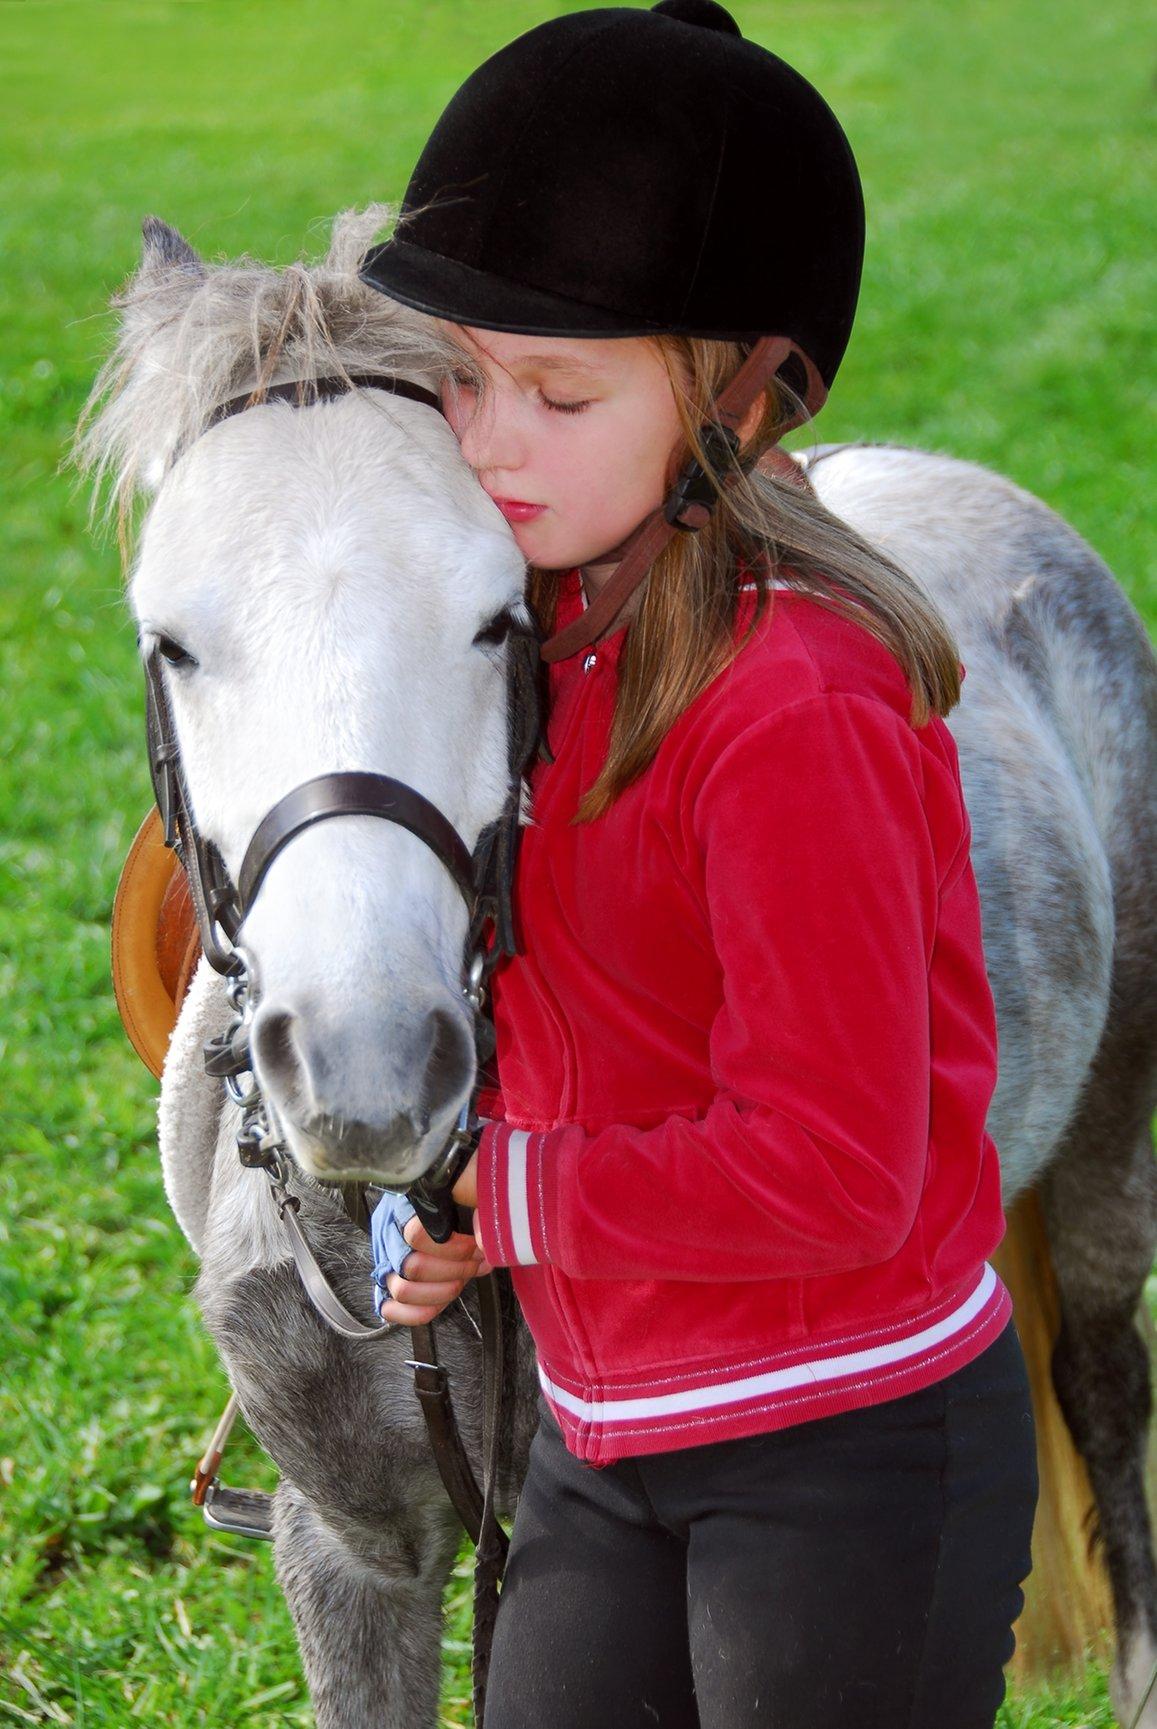 Фото с лошадьми и с детьми девочки